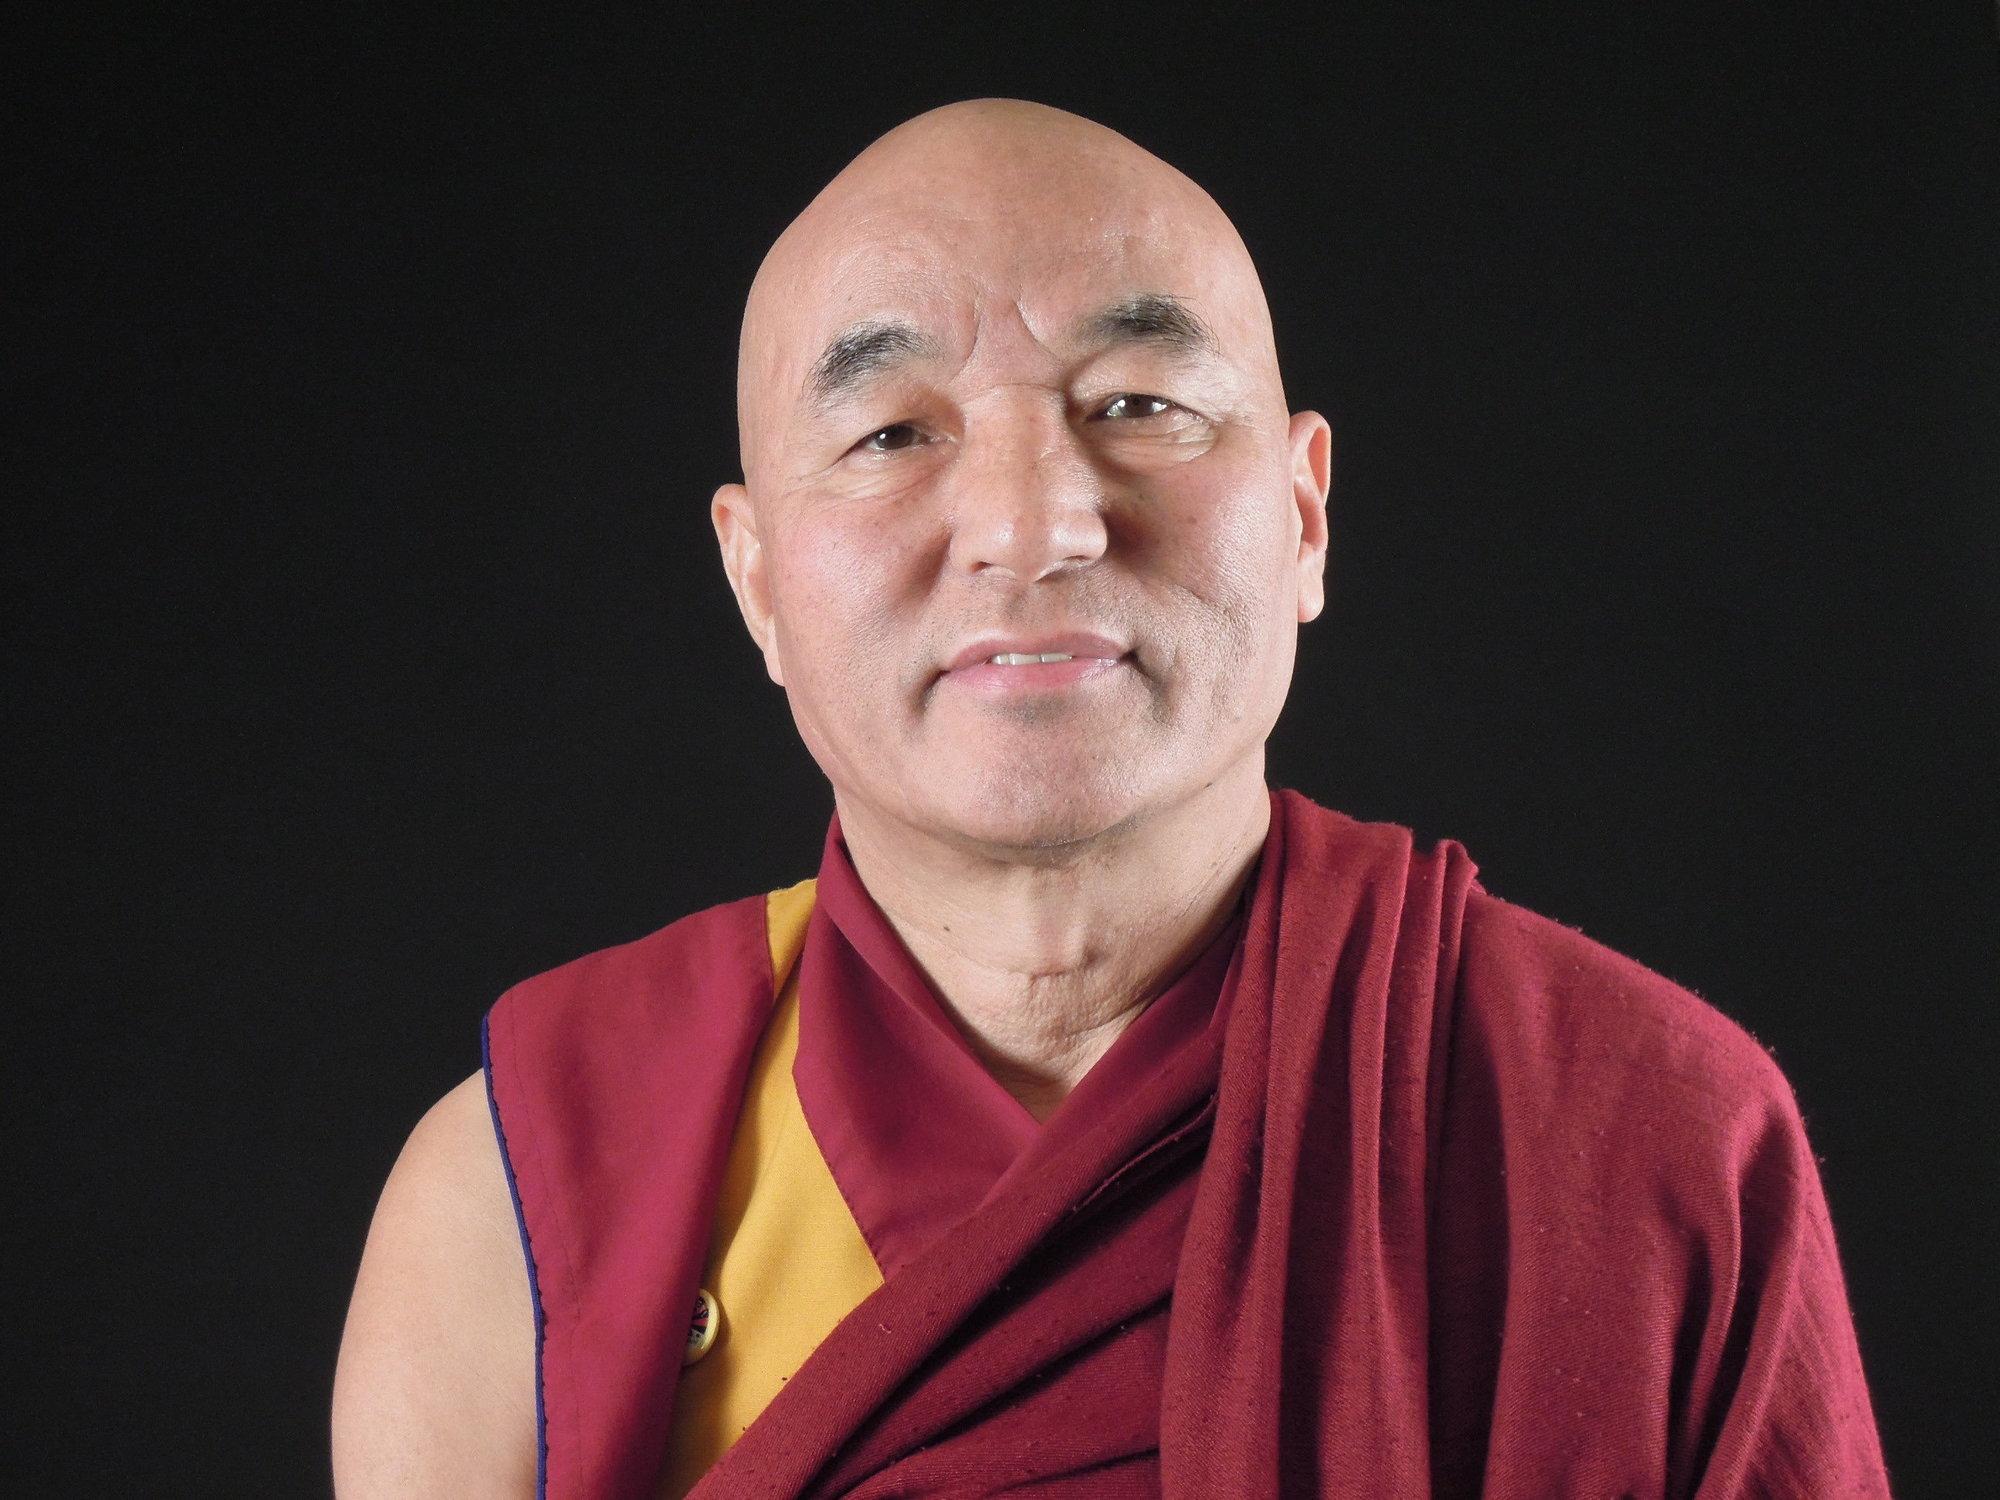 A sus 54 años el monje Wangchen se enfrenta al imperio chino